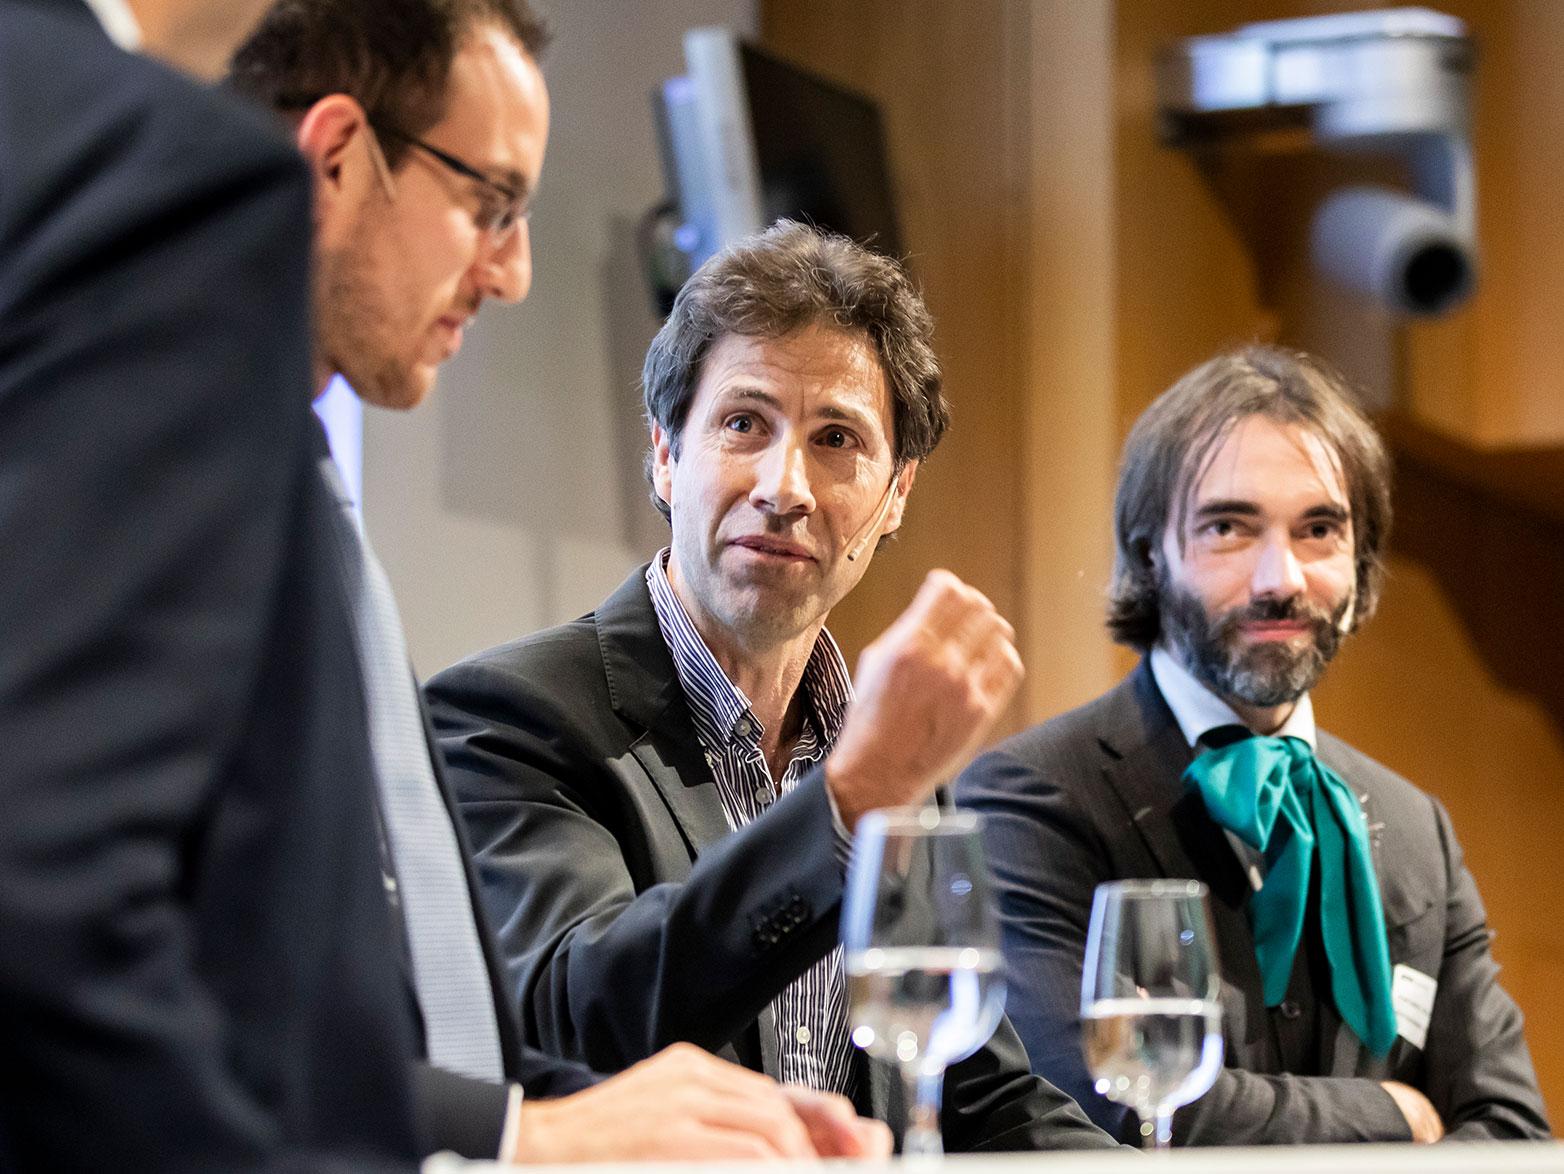 ETH Zurich promotes data science research | ETH Zurich